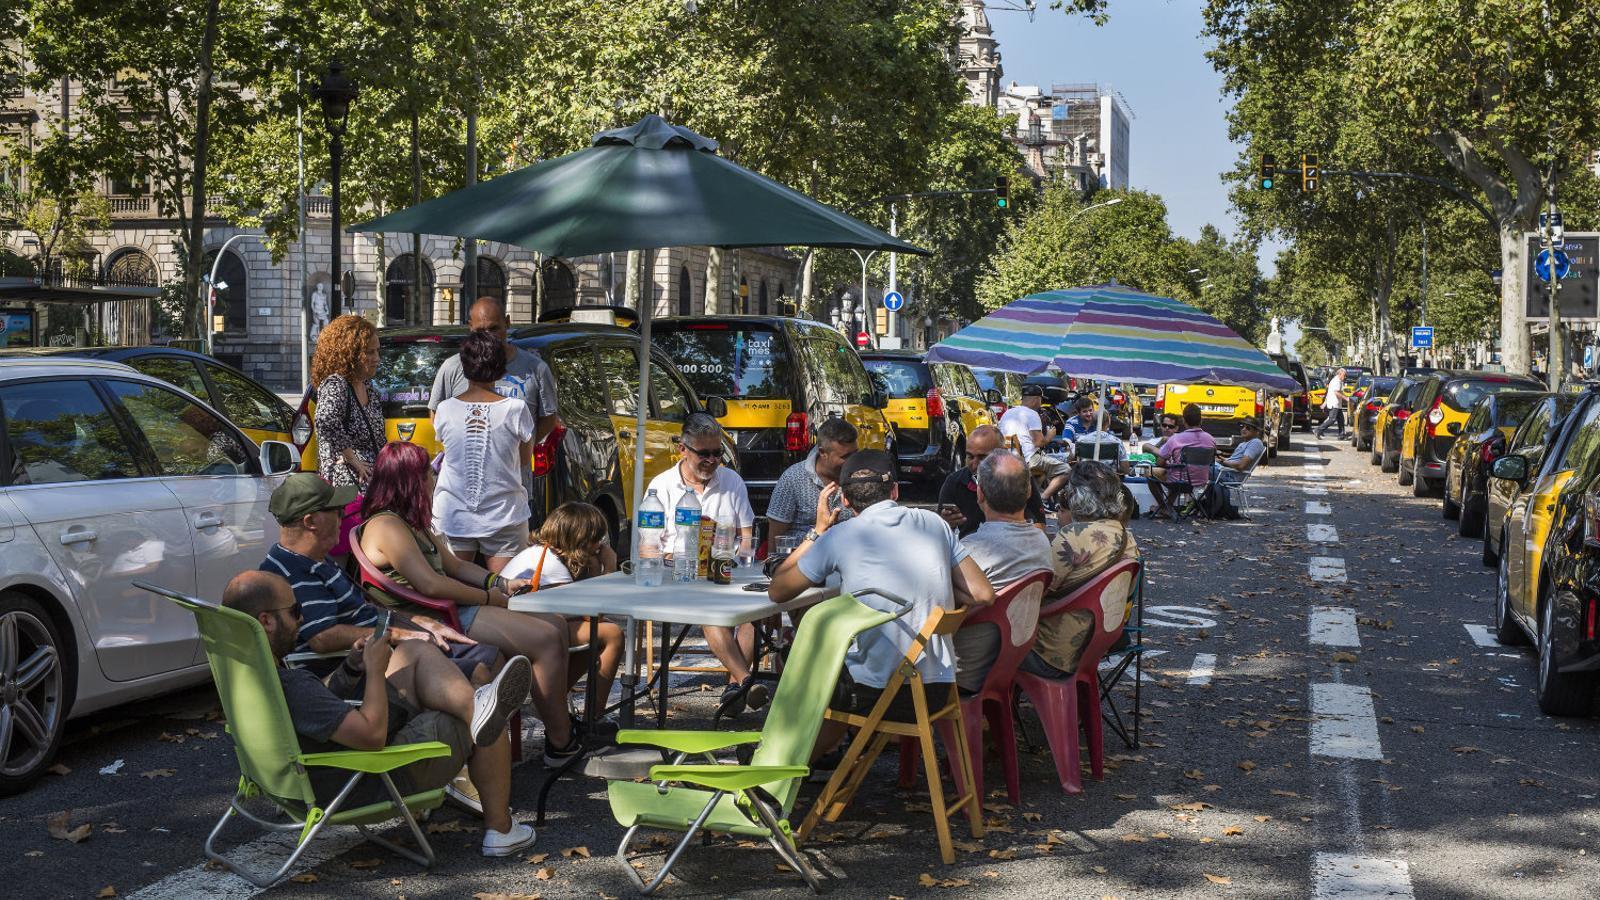 A dalt, una foto de la Gran Via durant la jornada de vaga d'ahir.  A baix, la denúncia  del fotògraf Francesc Melcion contra el taxista que ahir el va agredir.